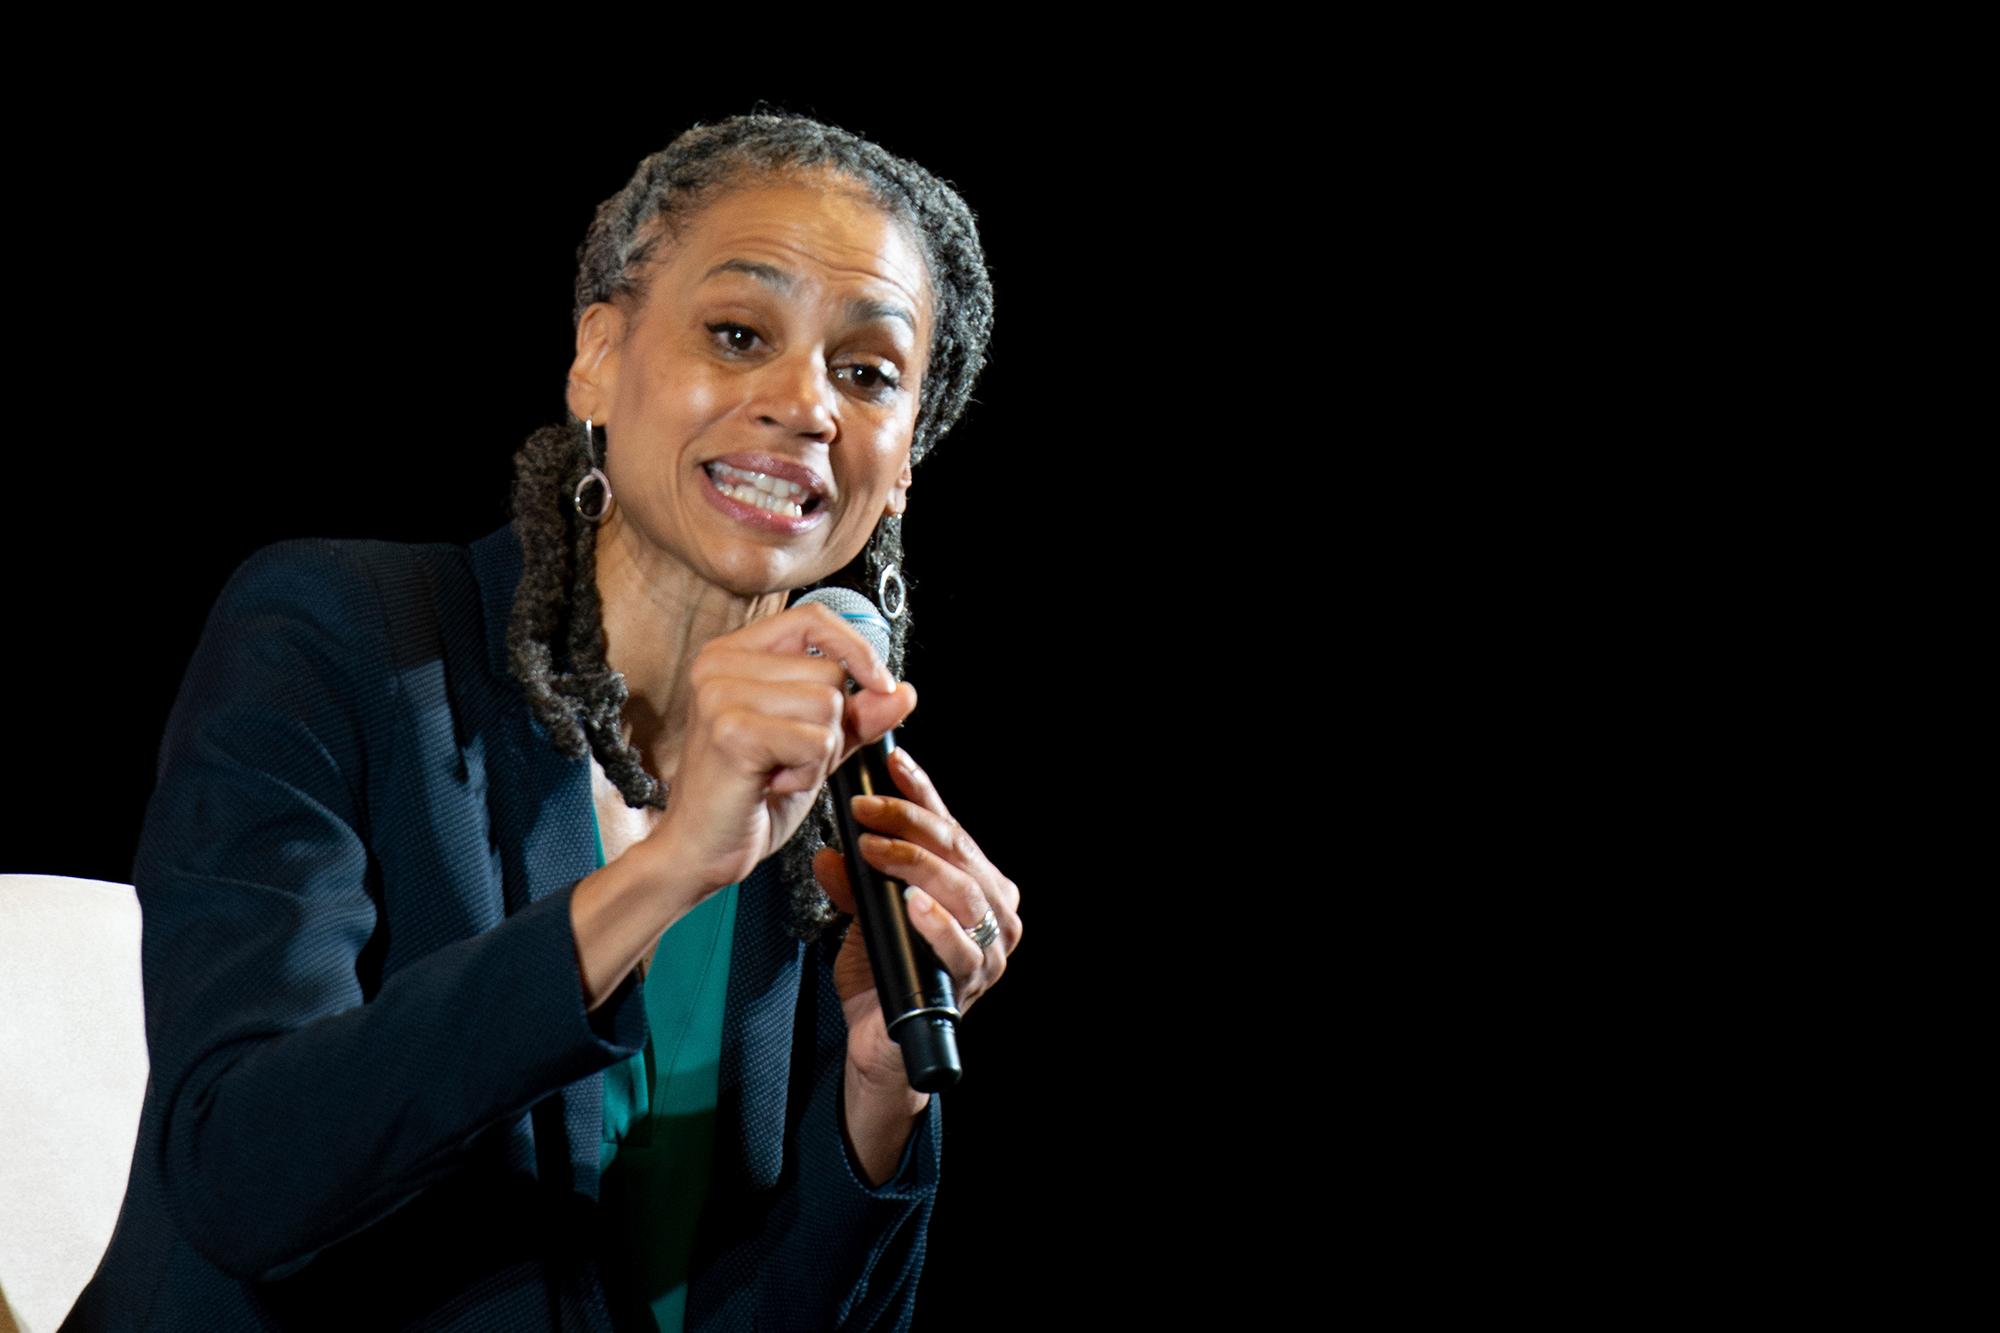 Former de Blasio lawyer Maya Wiley launches mayoral bid